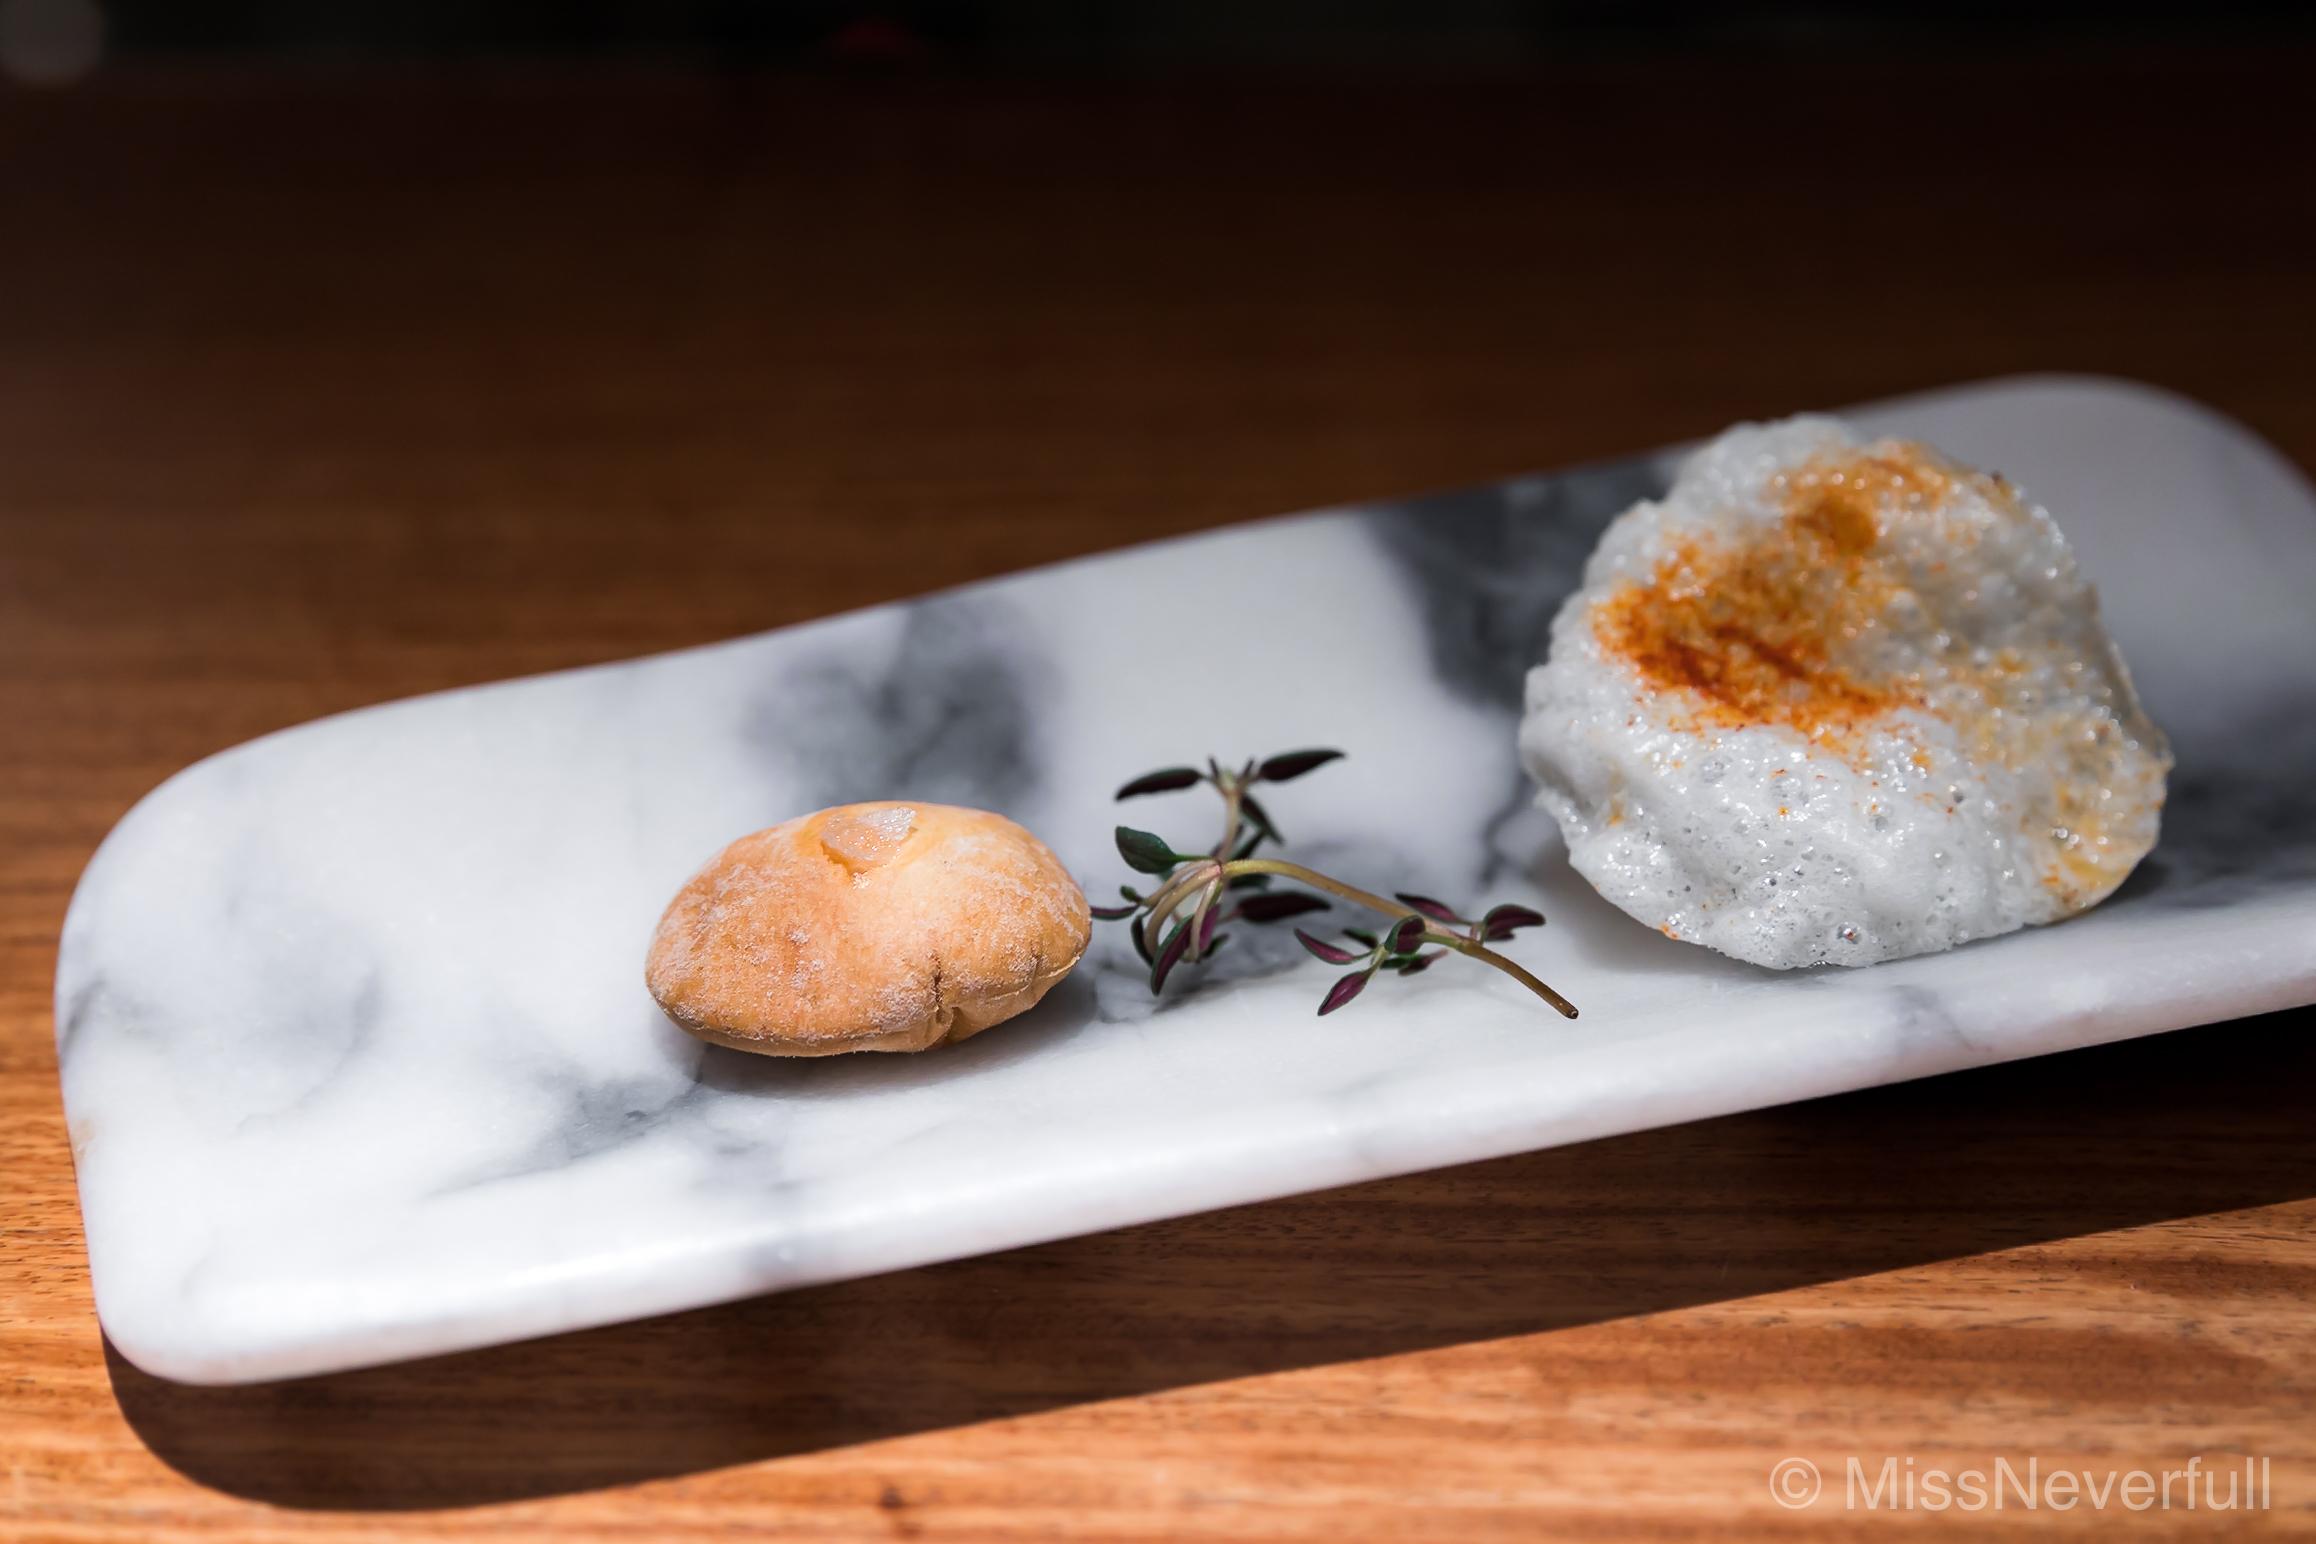 Amuse Bouche: Tomato and olive oil Petit Pain, Paprika rice crisp